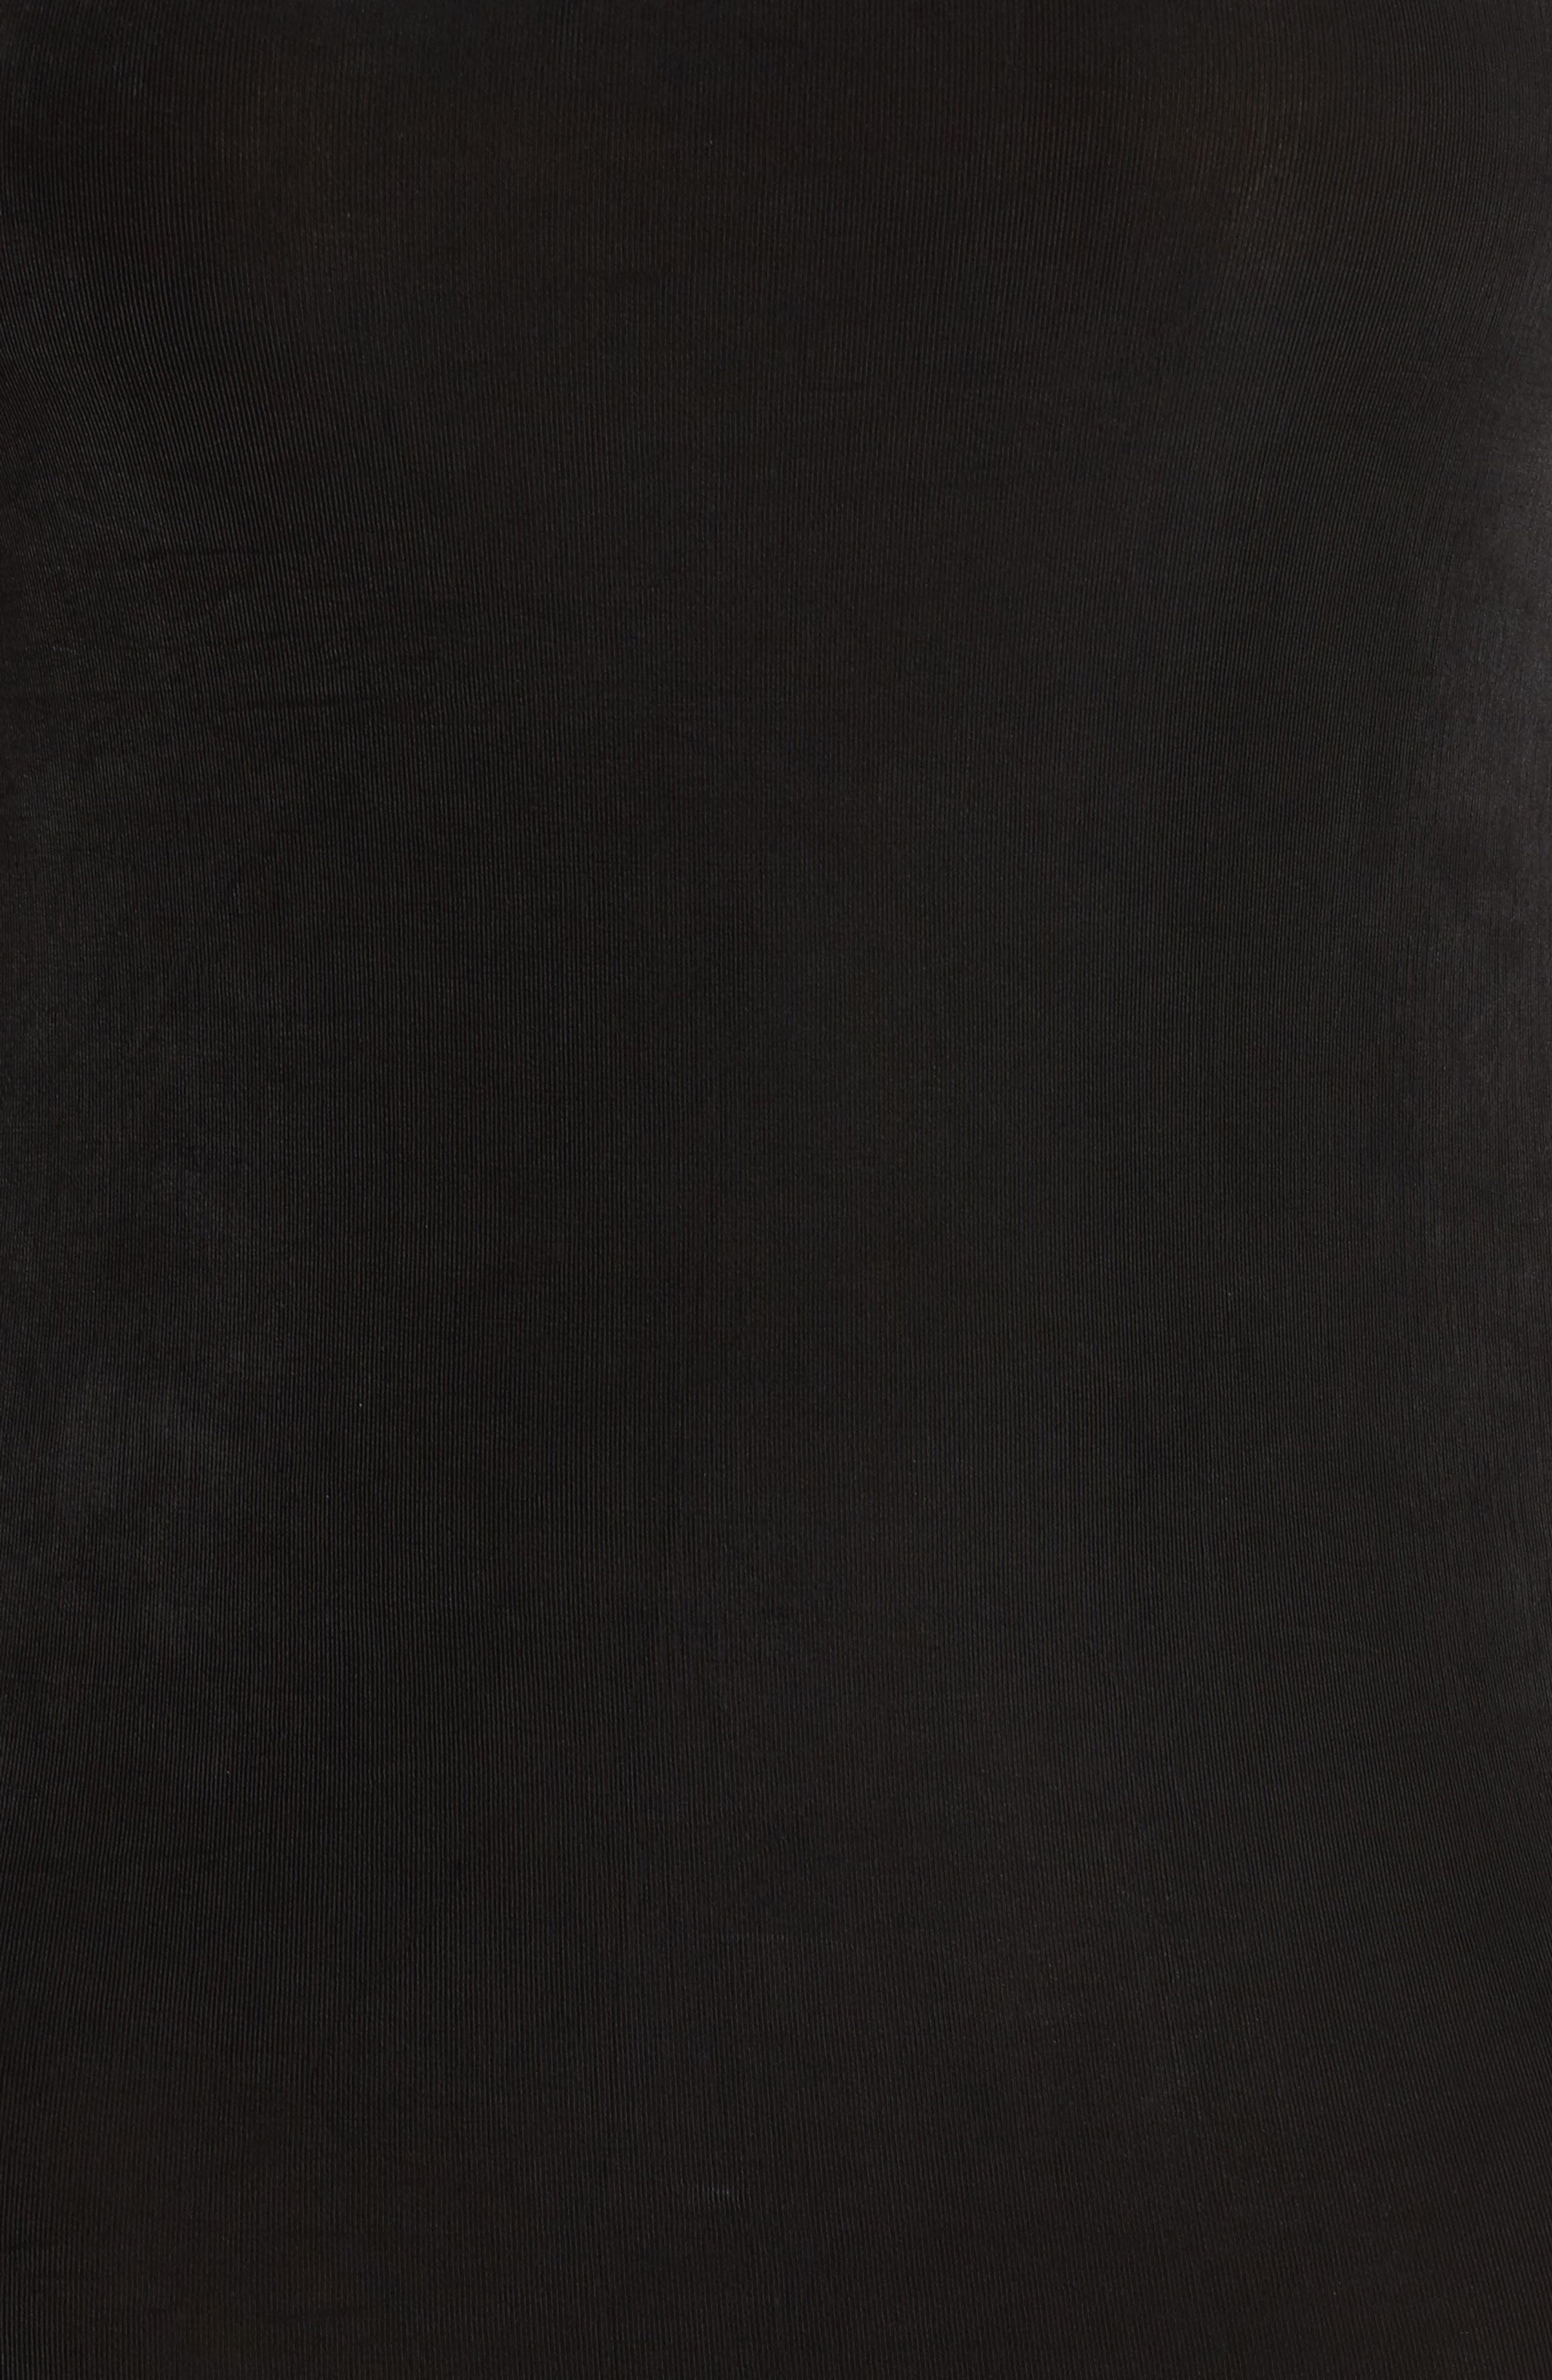 Sleeveless Maxi Tank Dress,                             Alternate thumbnail 6, color,                             BLACK